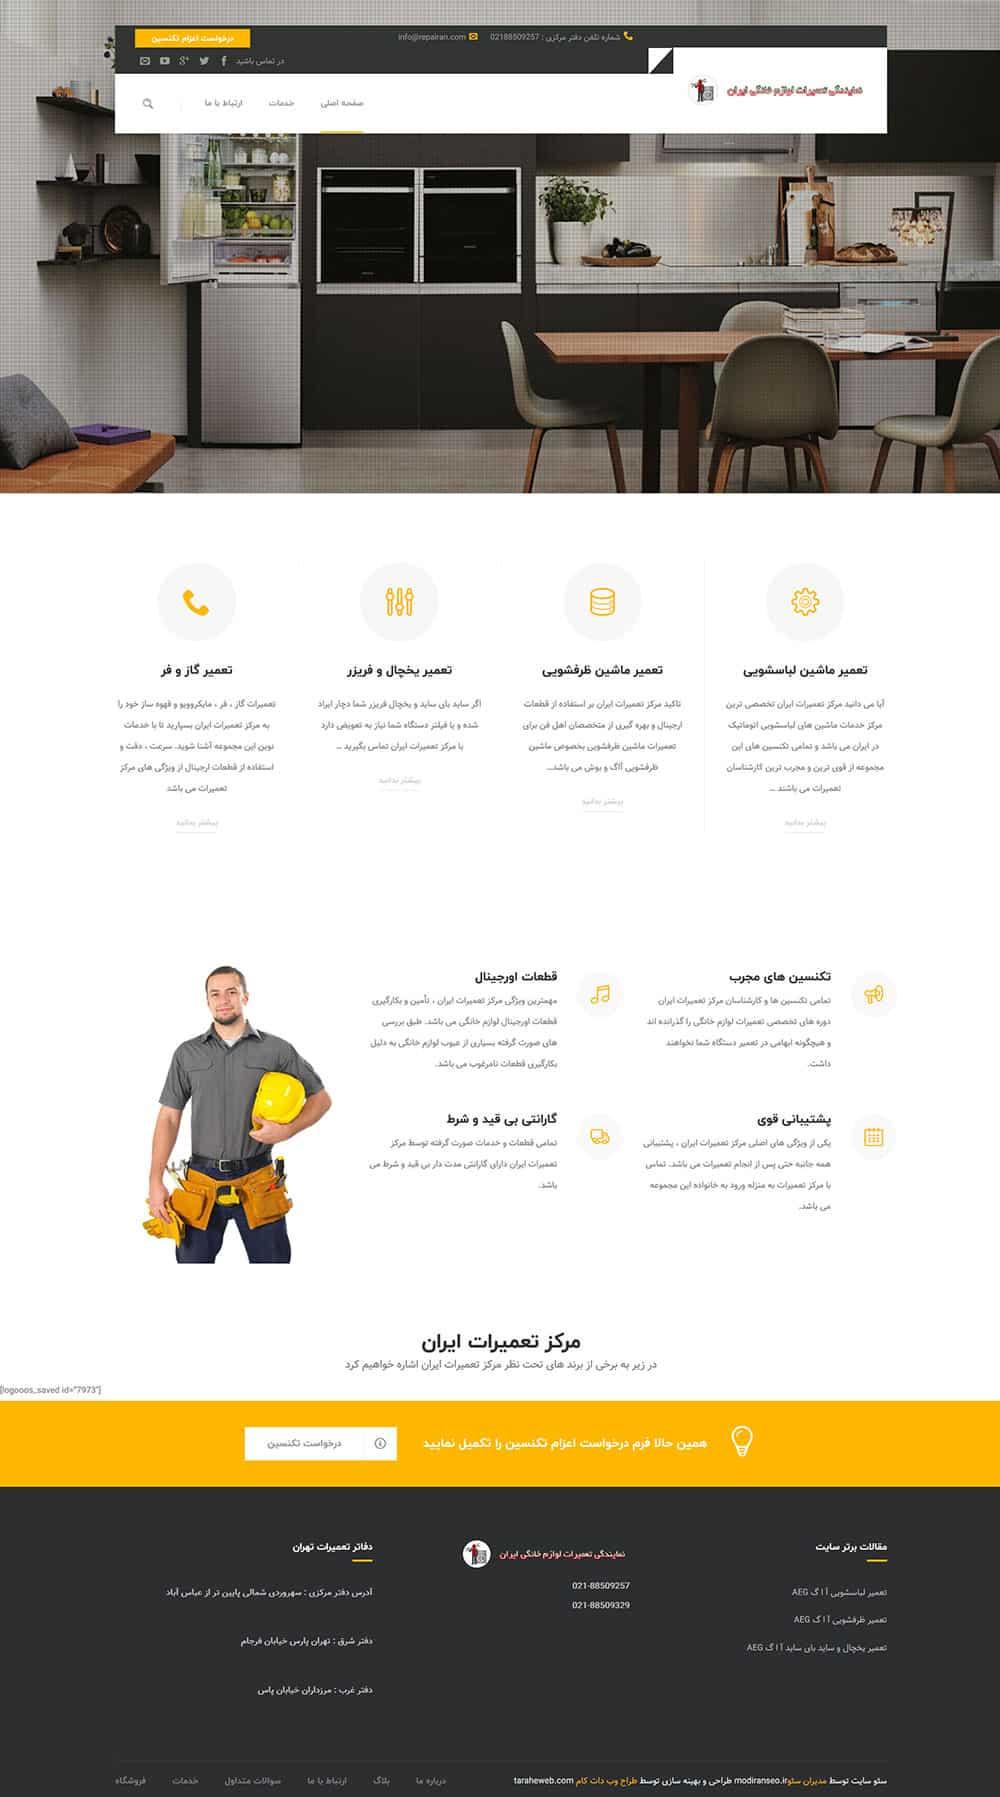 طراحی سایت تعمیر لوازم خانگی ایران